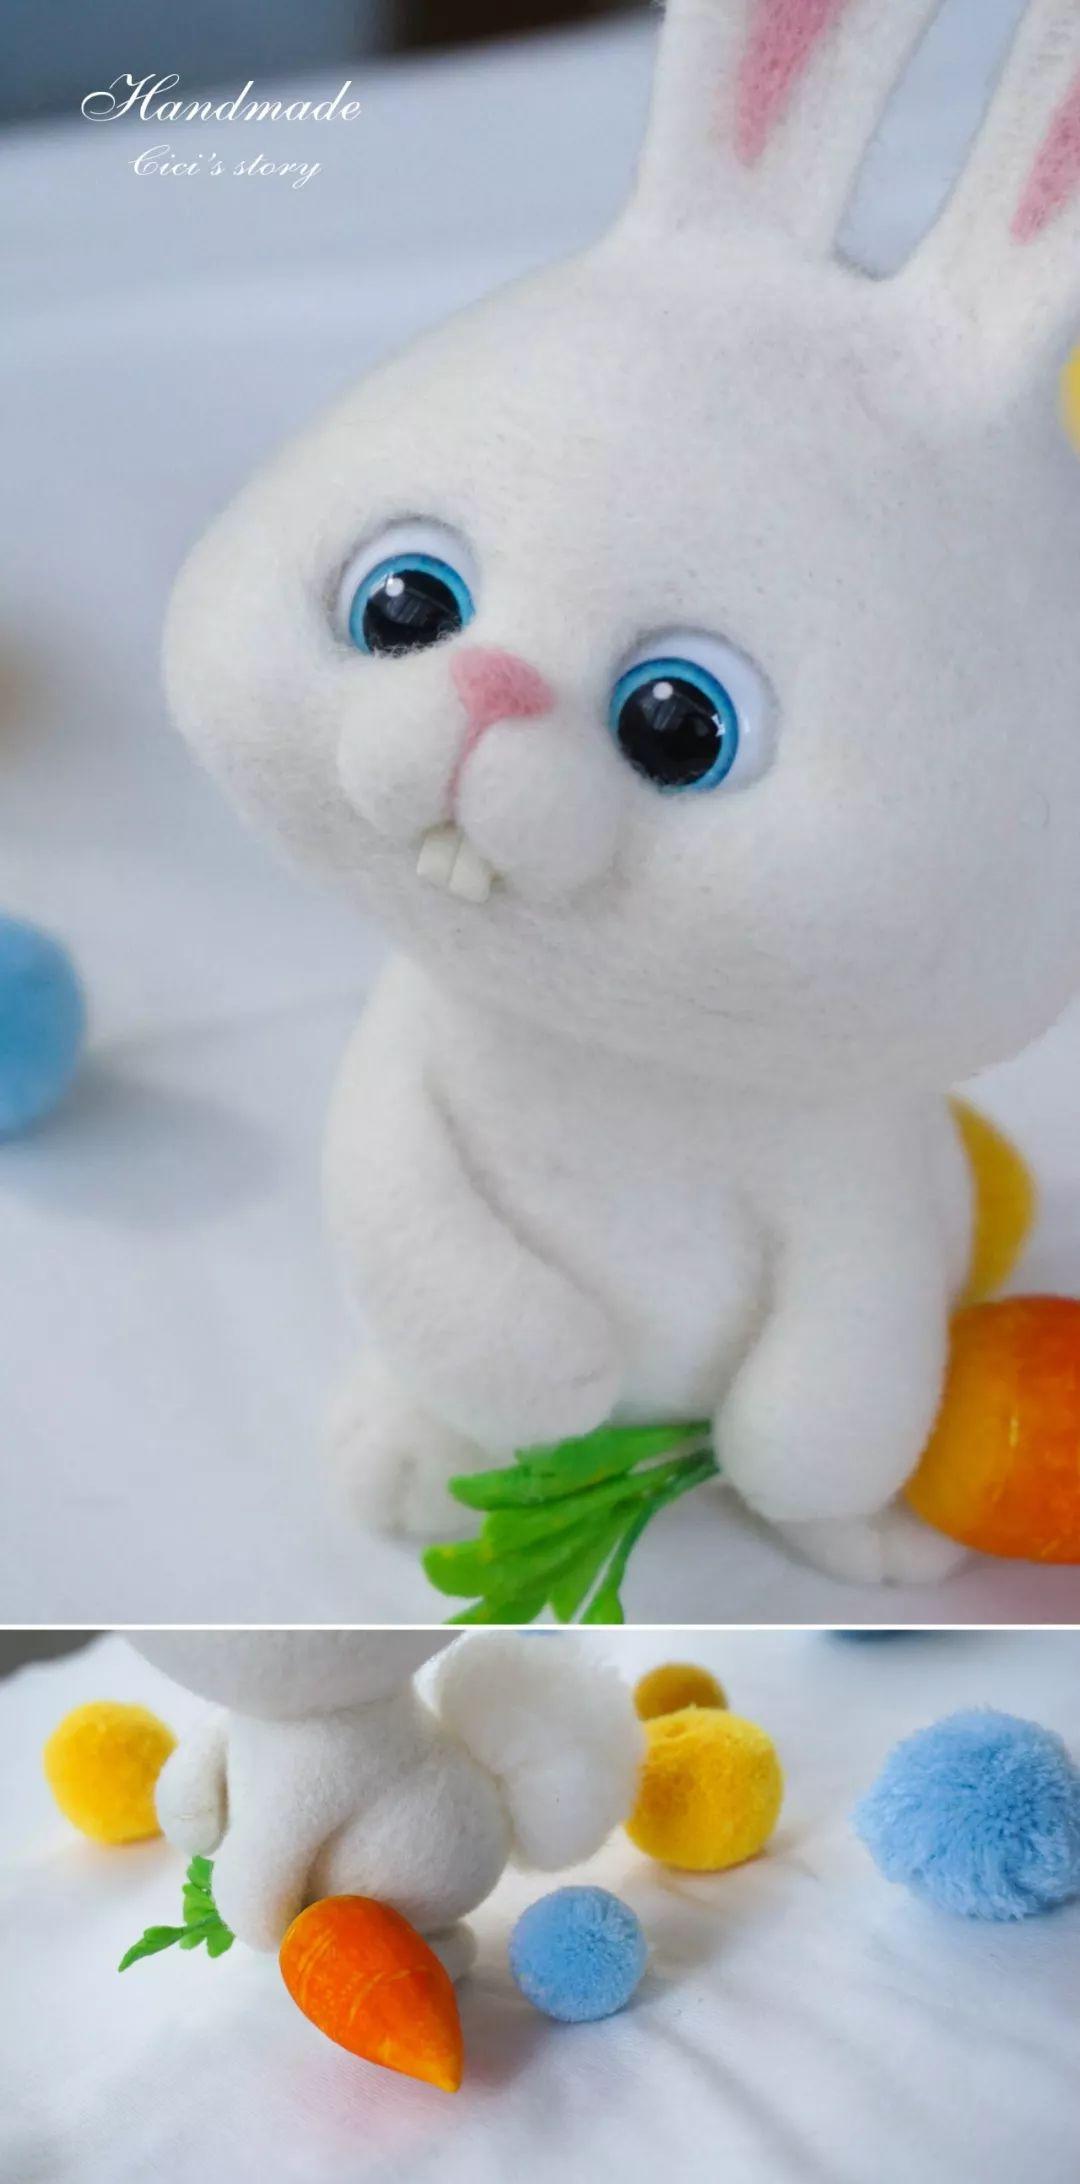 羊毛毡手作小动物10节课报名,把超可爱的